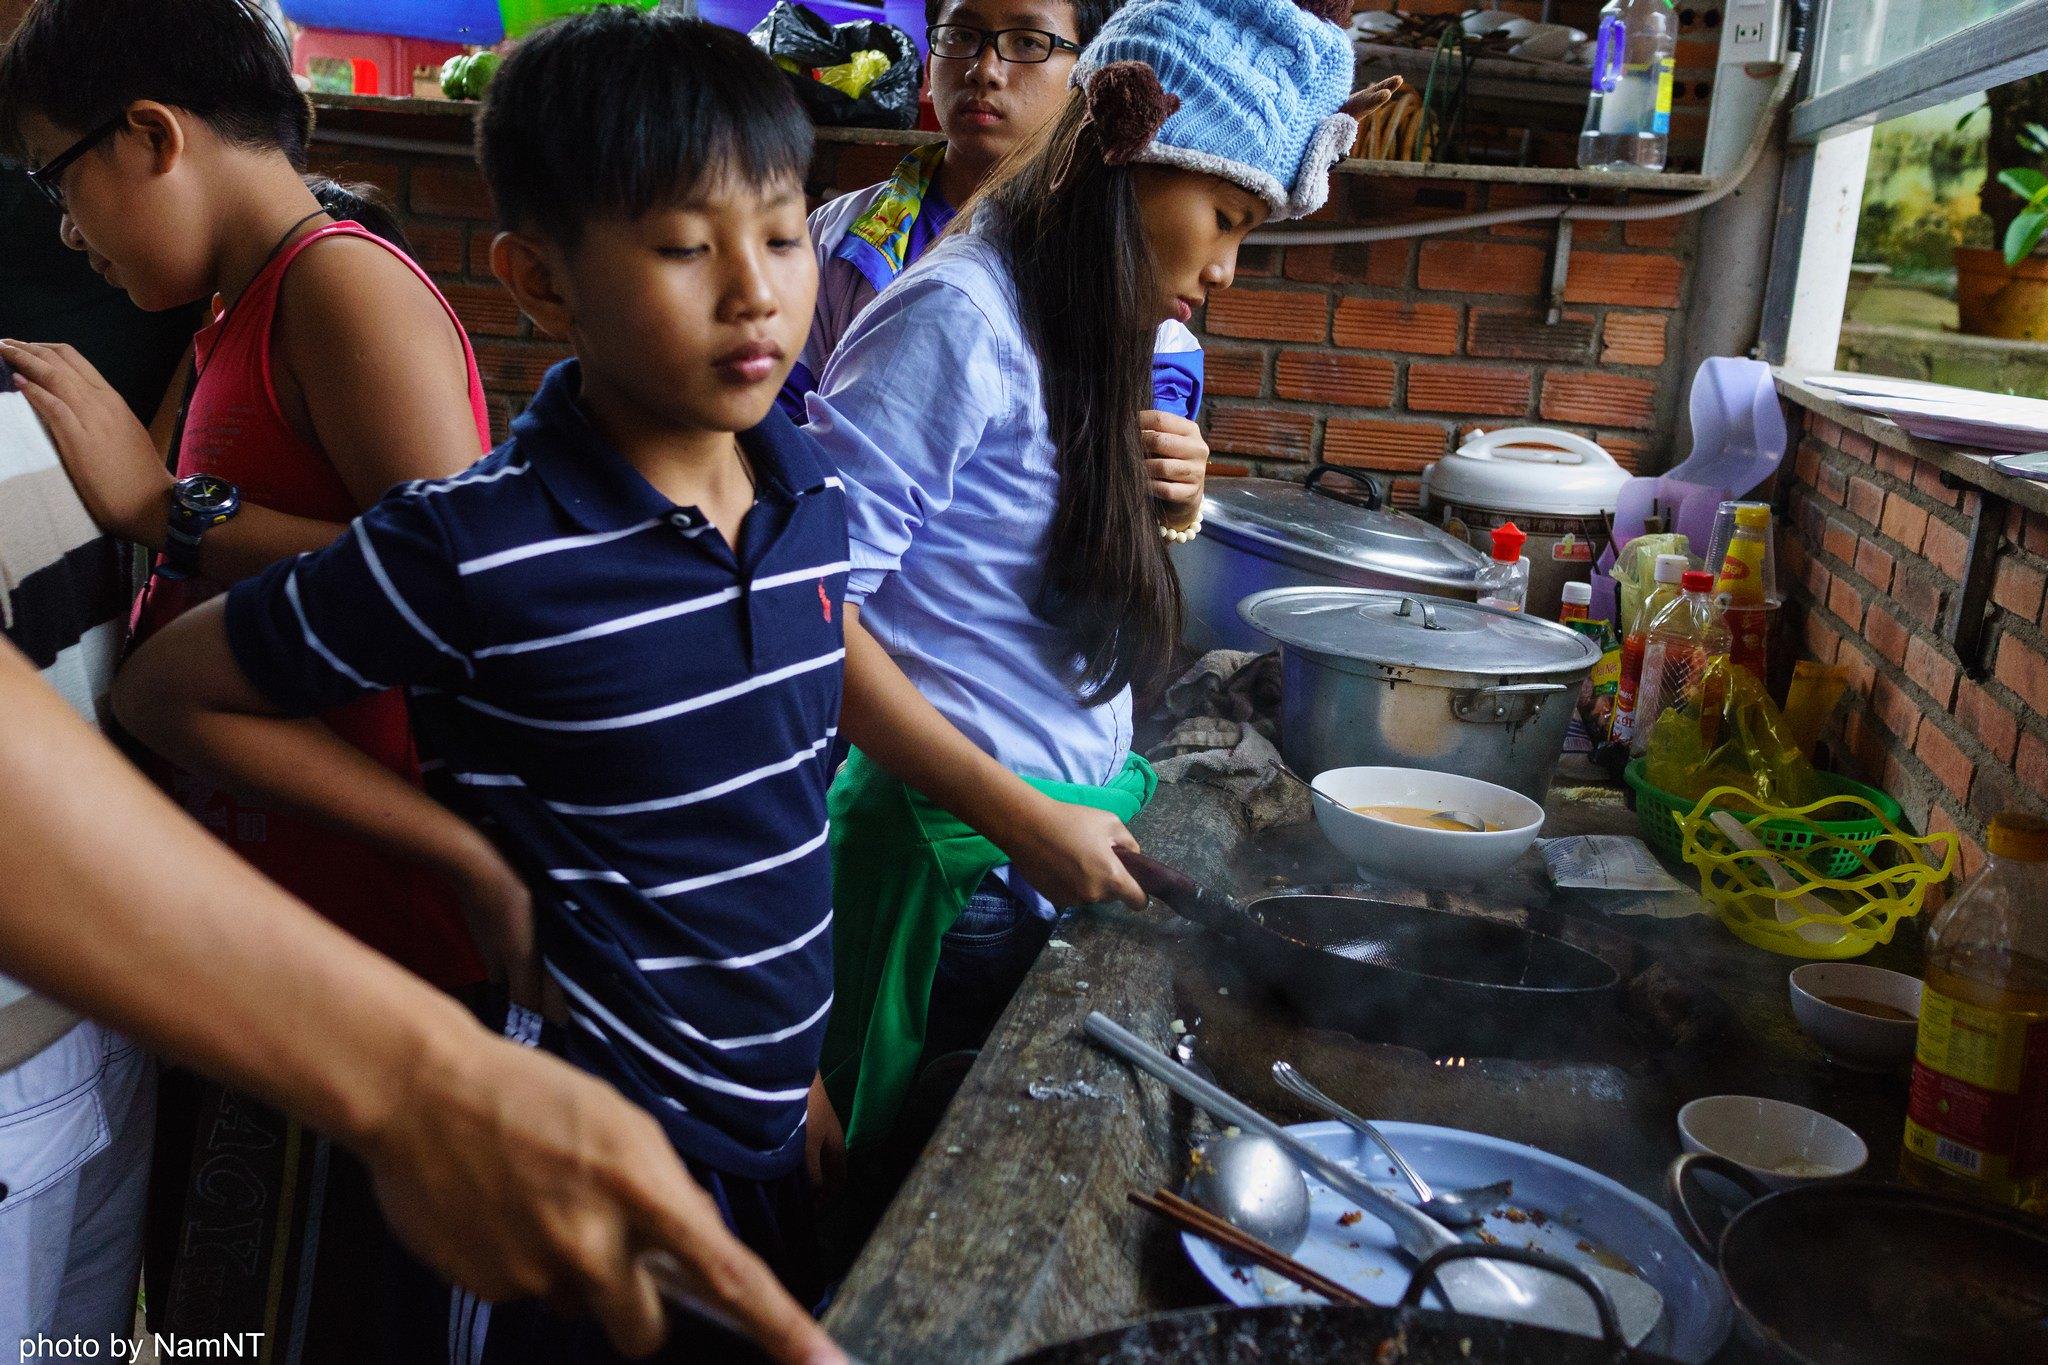 19359275370 9b051cdb9c k - [Phượt] - SG-Cổ Thạch- Nha Trang- Đà Lạt: ngàn dặm mua hạt é cho người thương